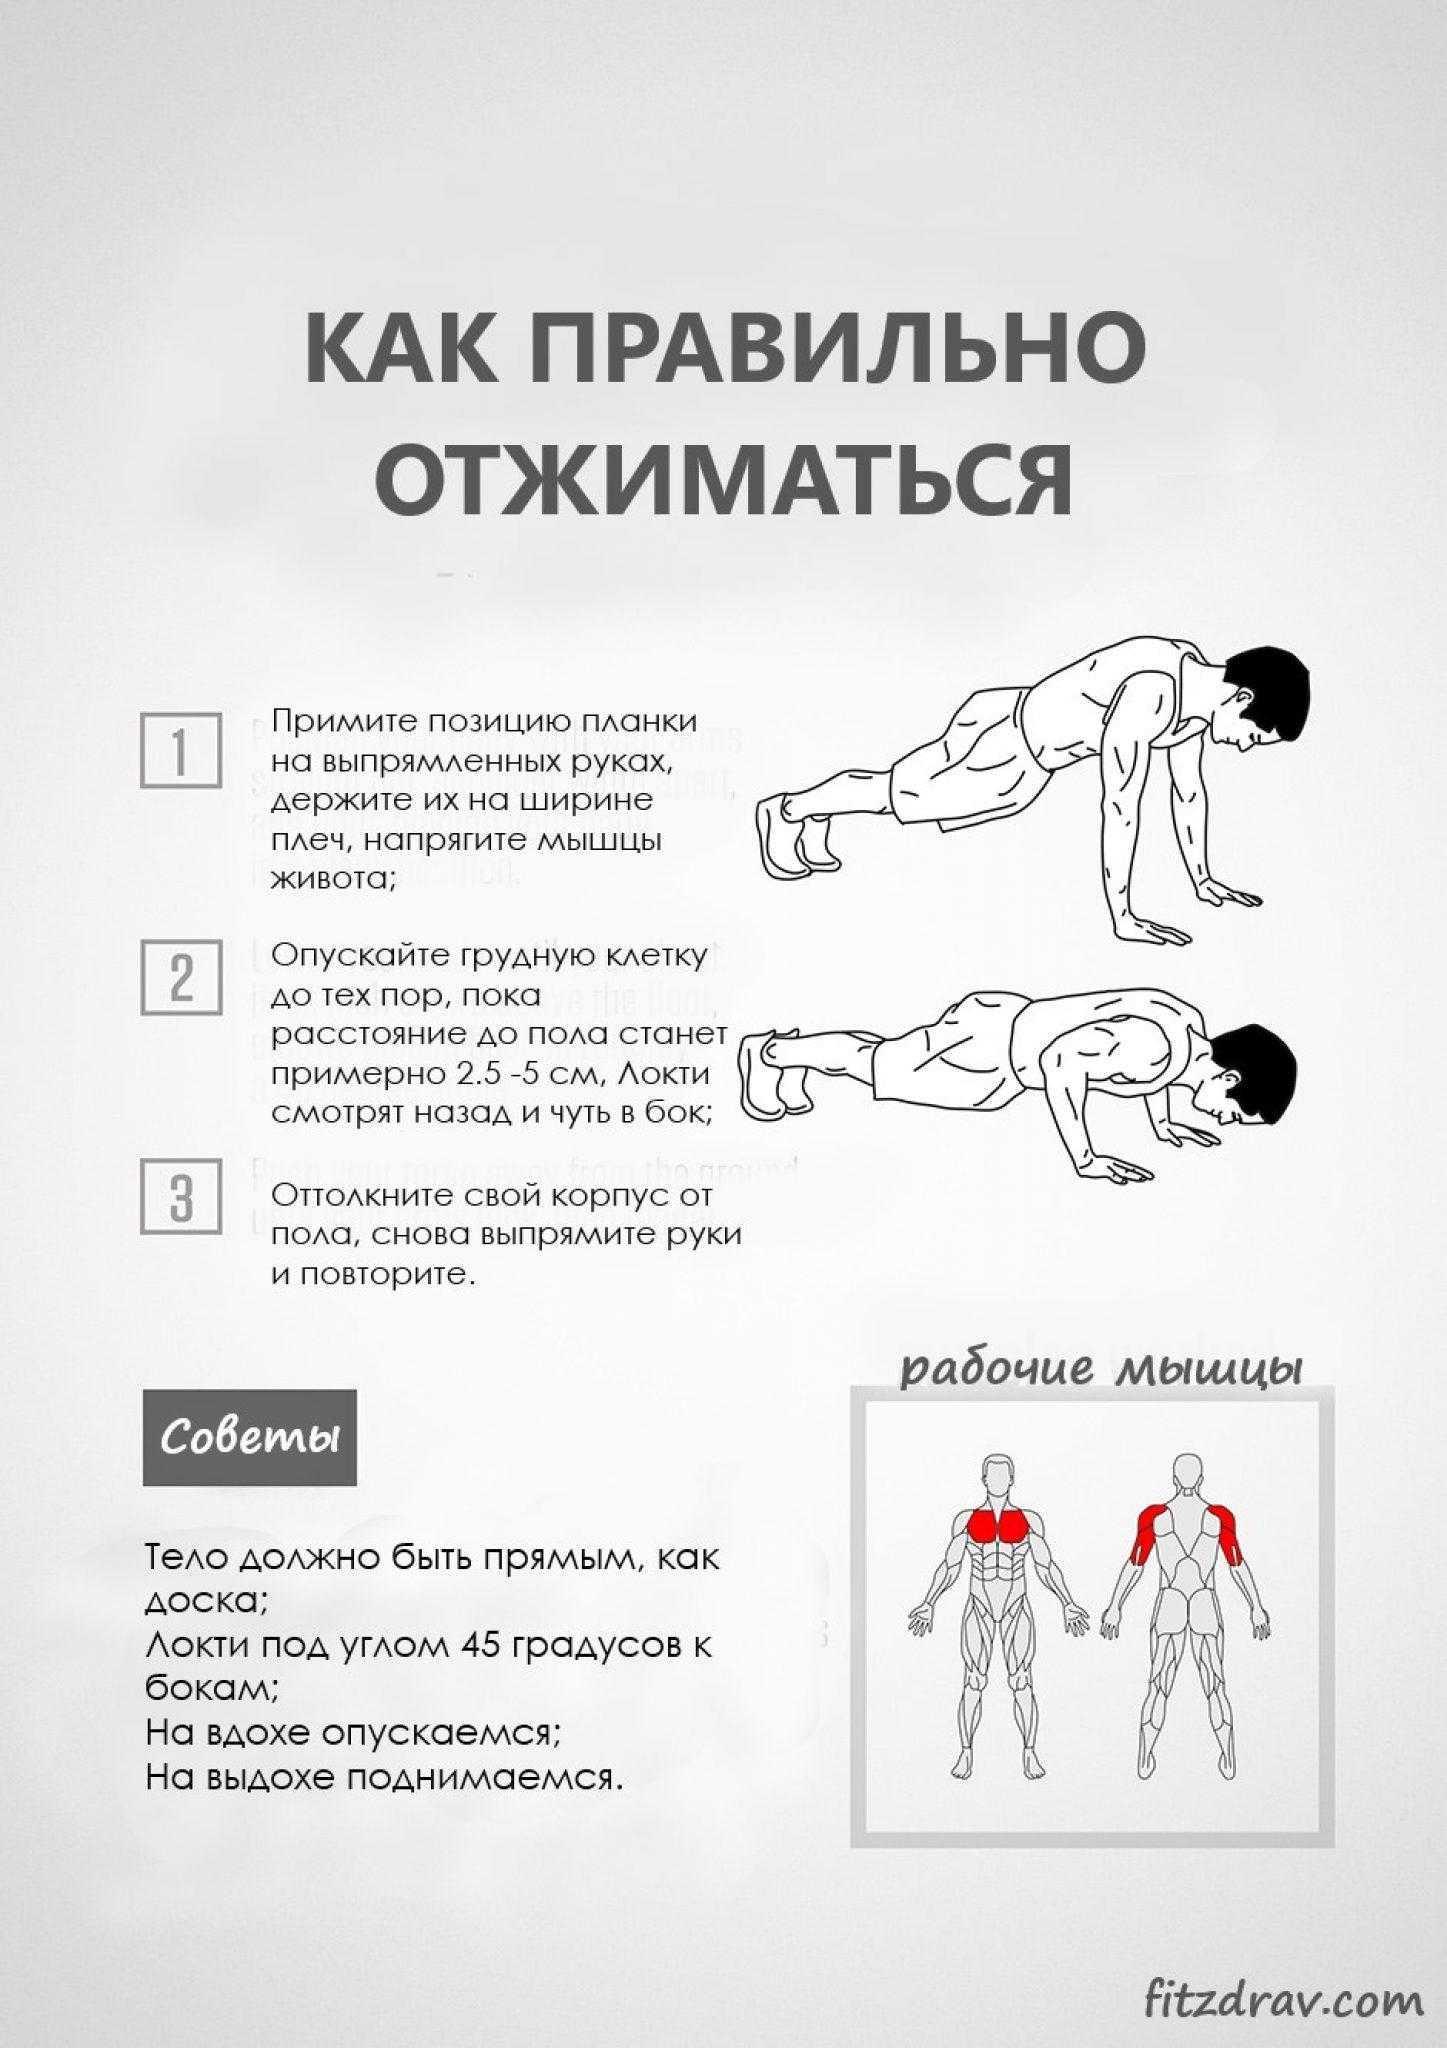 Алмазные отжимания: техника выполнения, какие мышцы работают